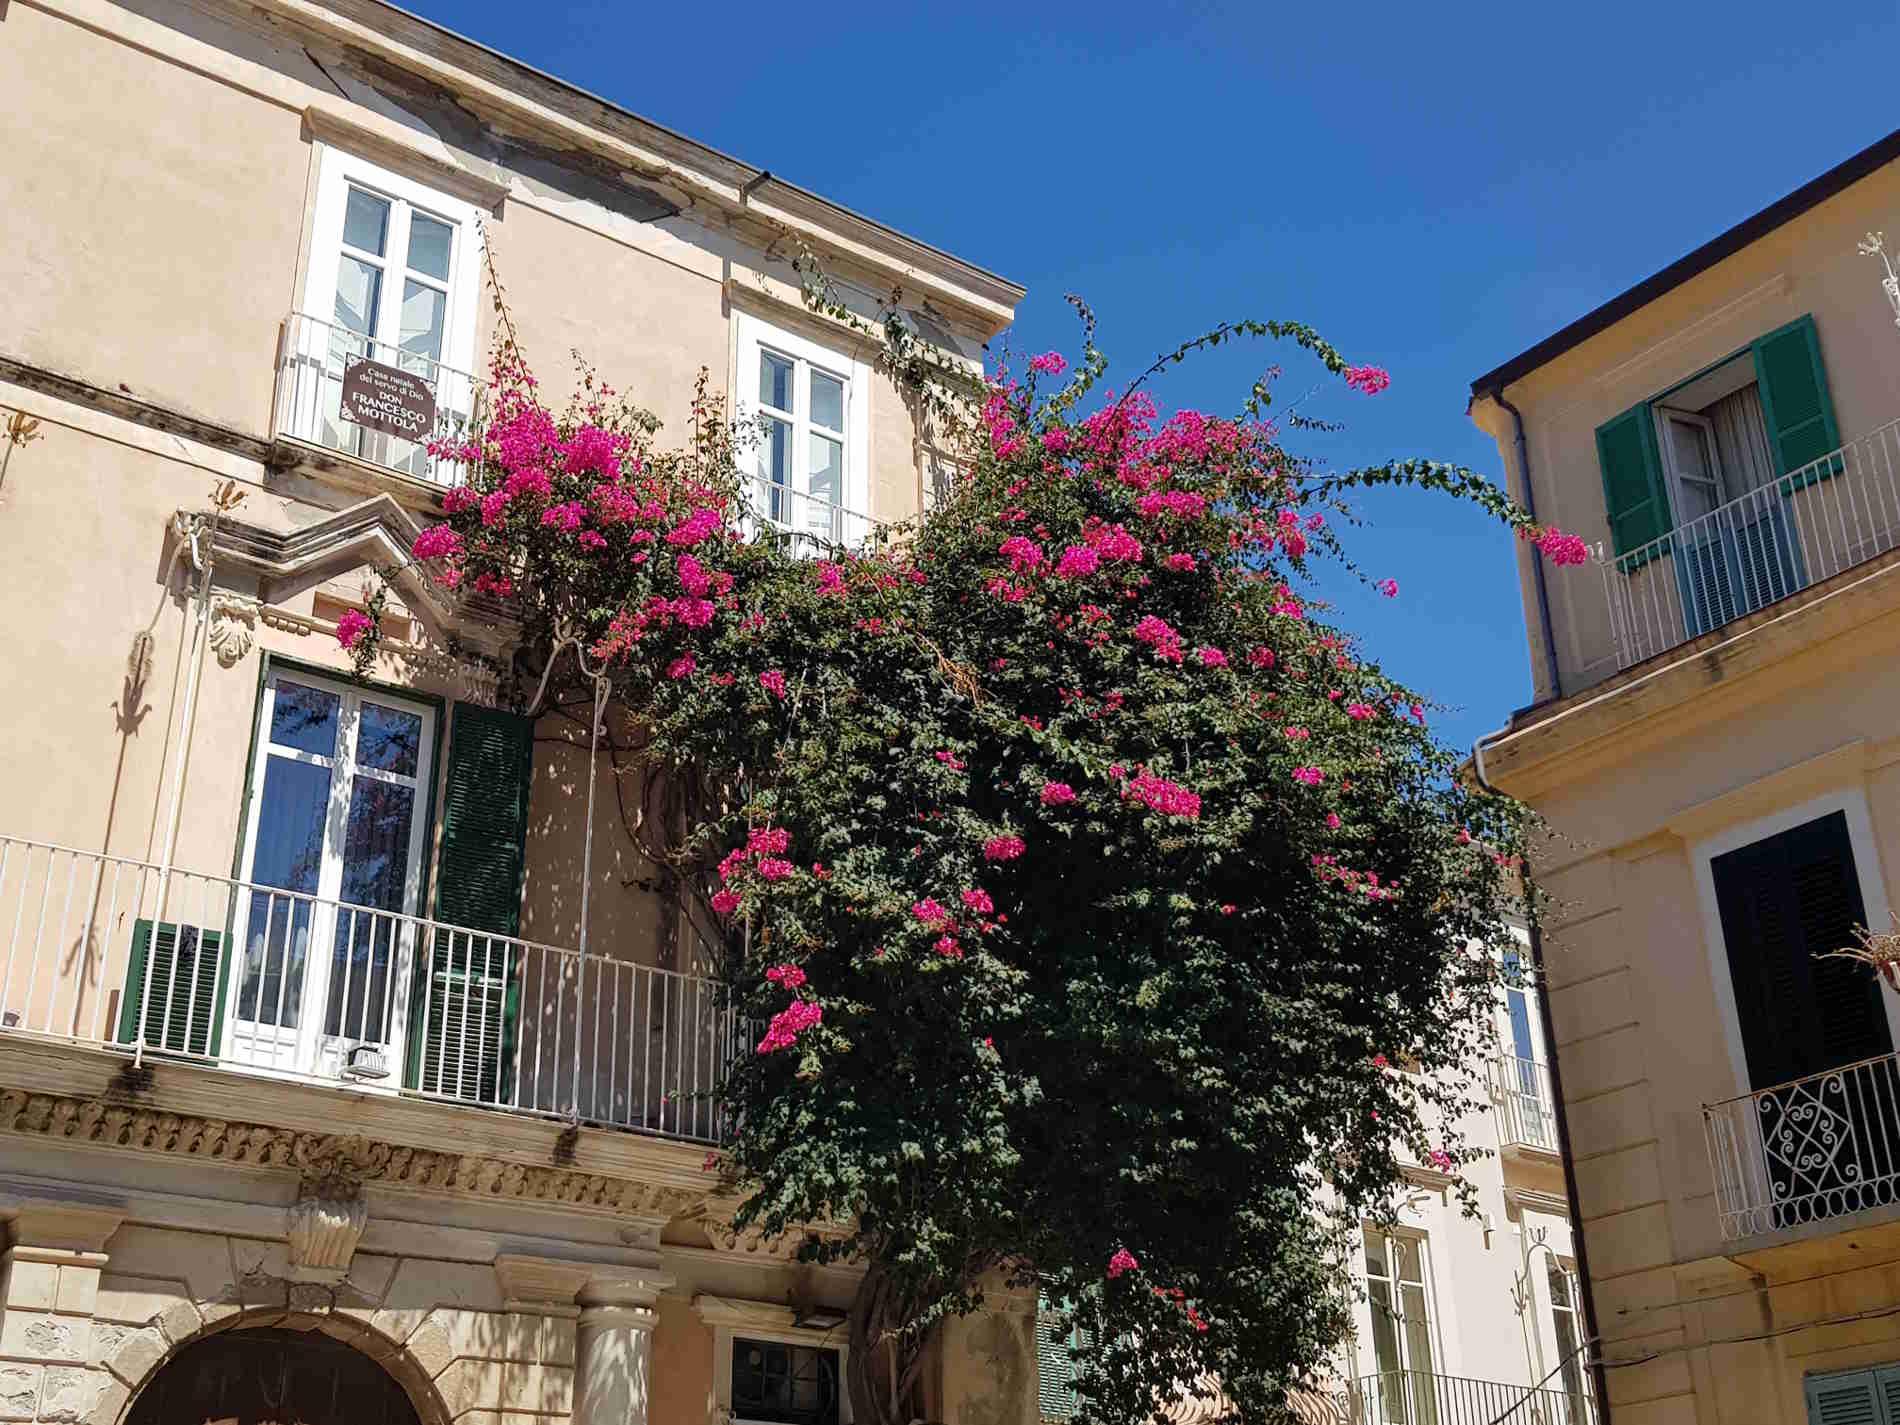 Vie del Borgo di Tropea e fiori - borgo in Calabria Italia